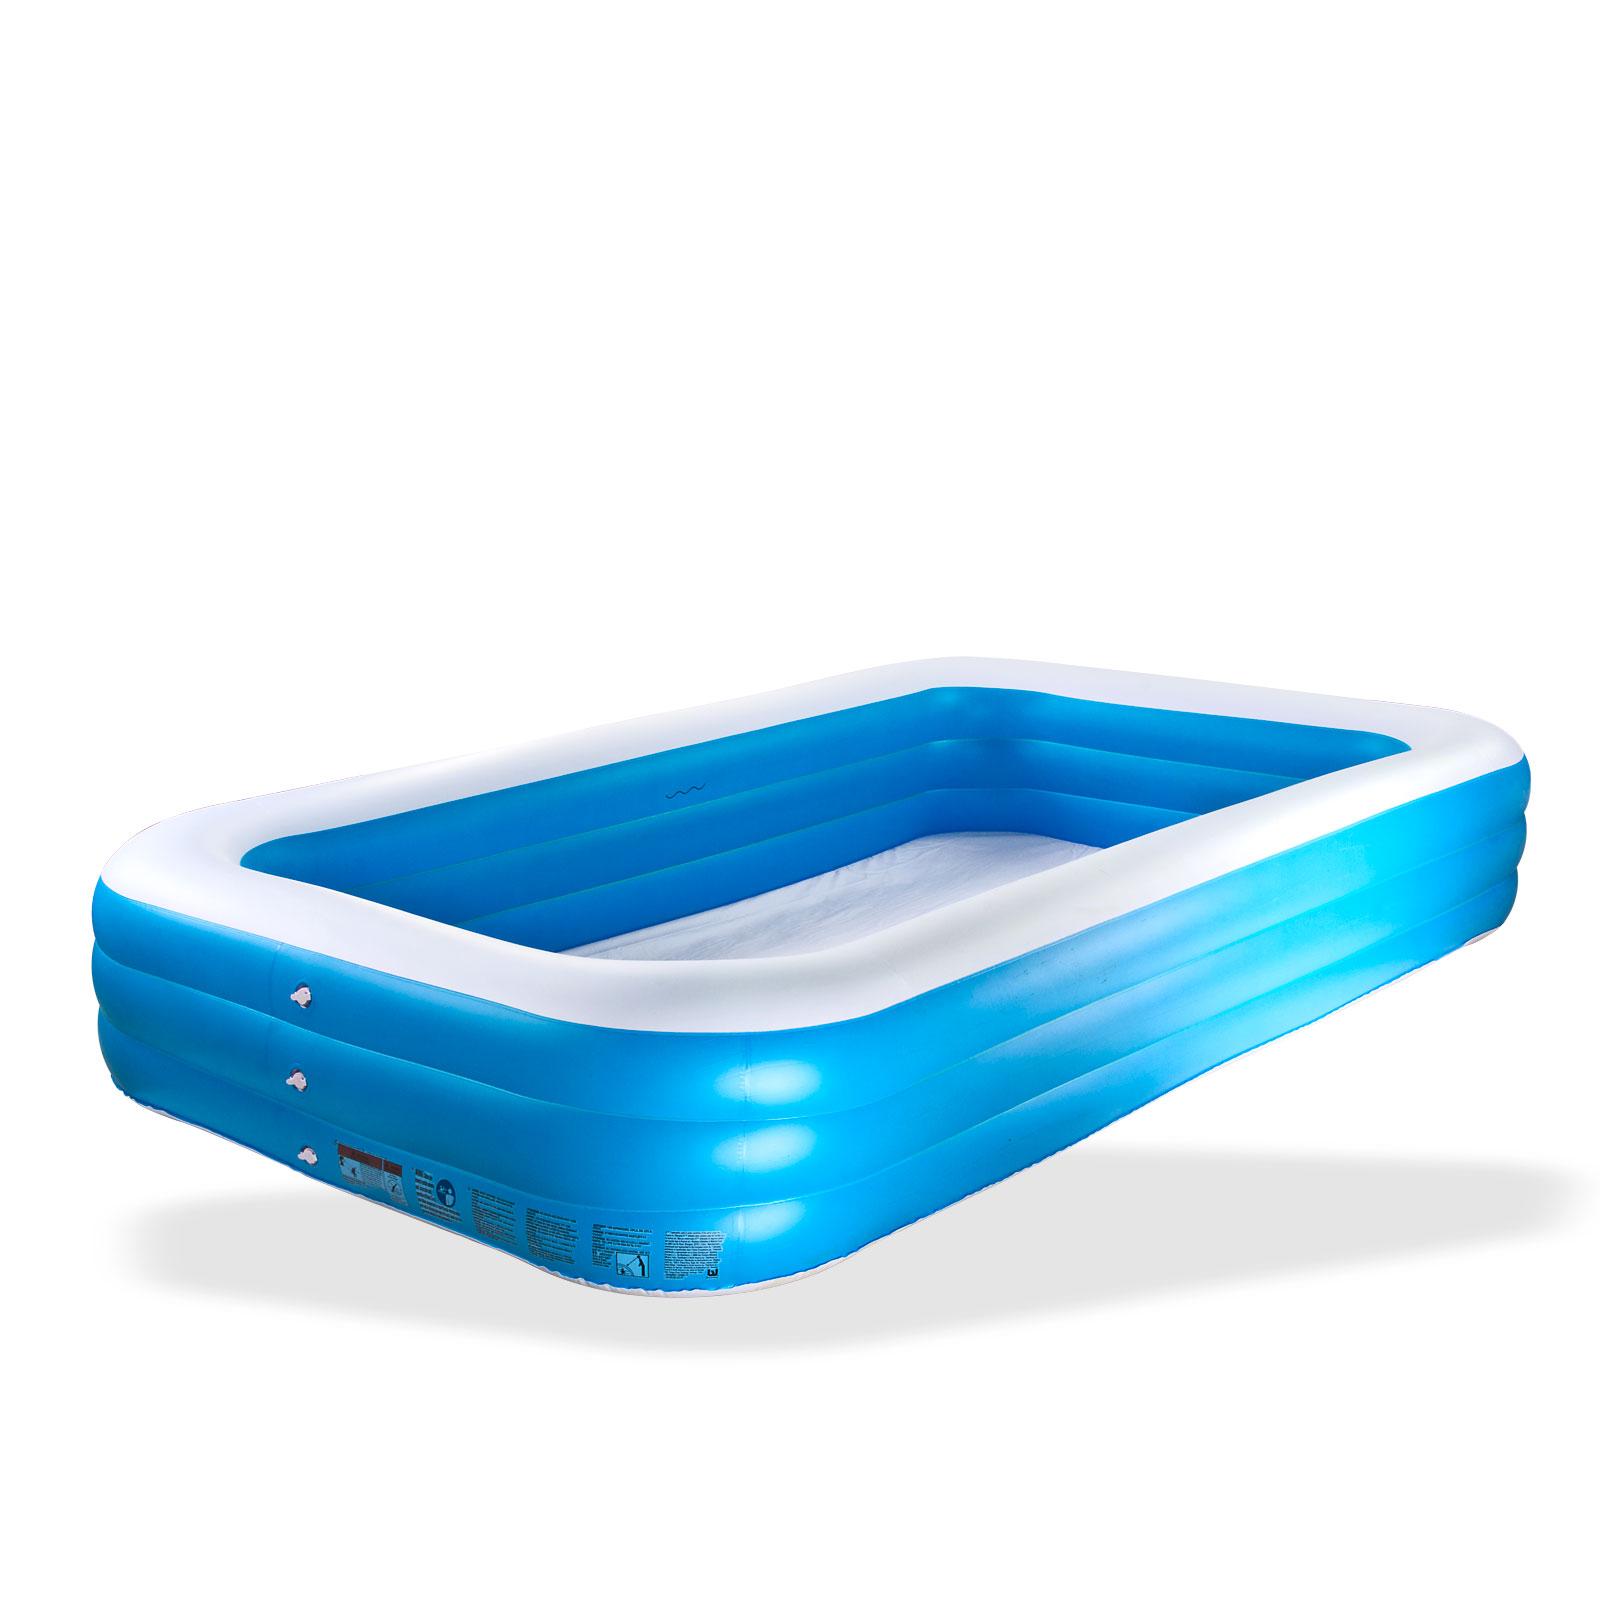 Swimming pool extra gro 3m planschbecken kinderbecken for Pool 3m durchmesser aufblasbar